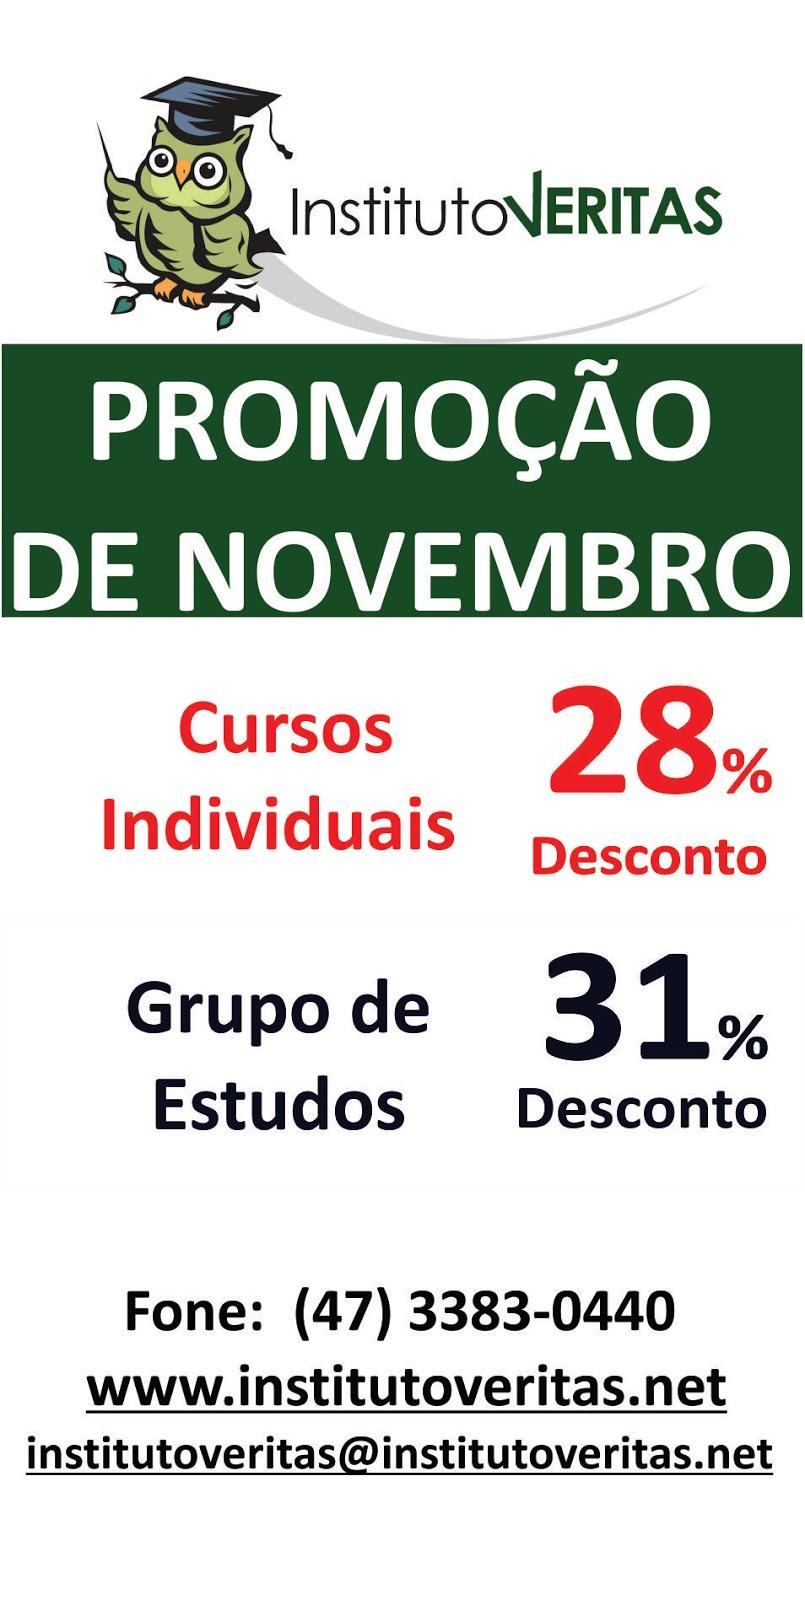 Promoção de Novembro